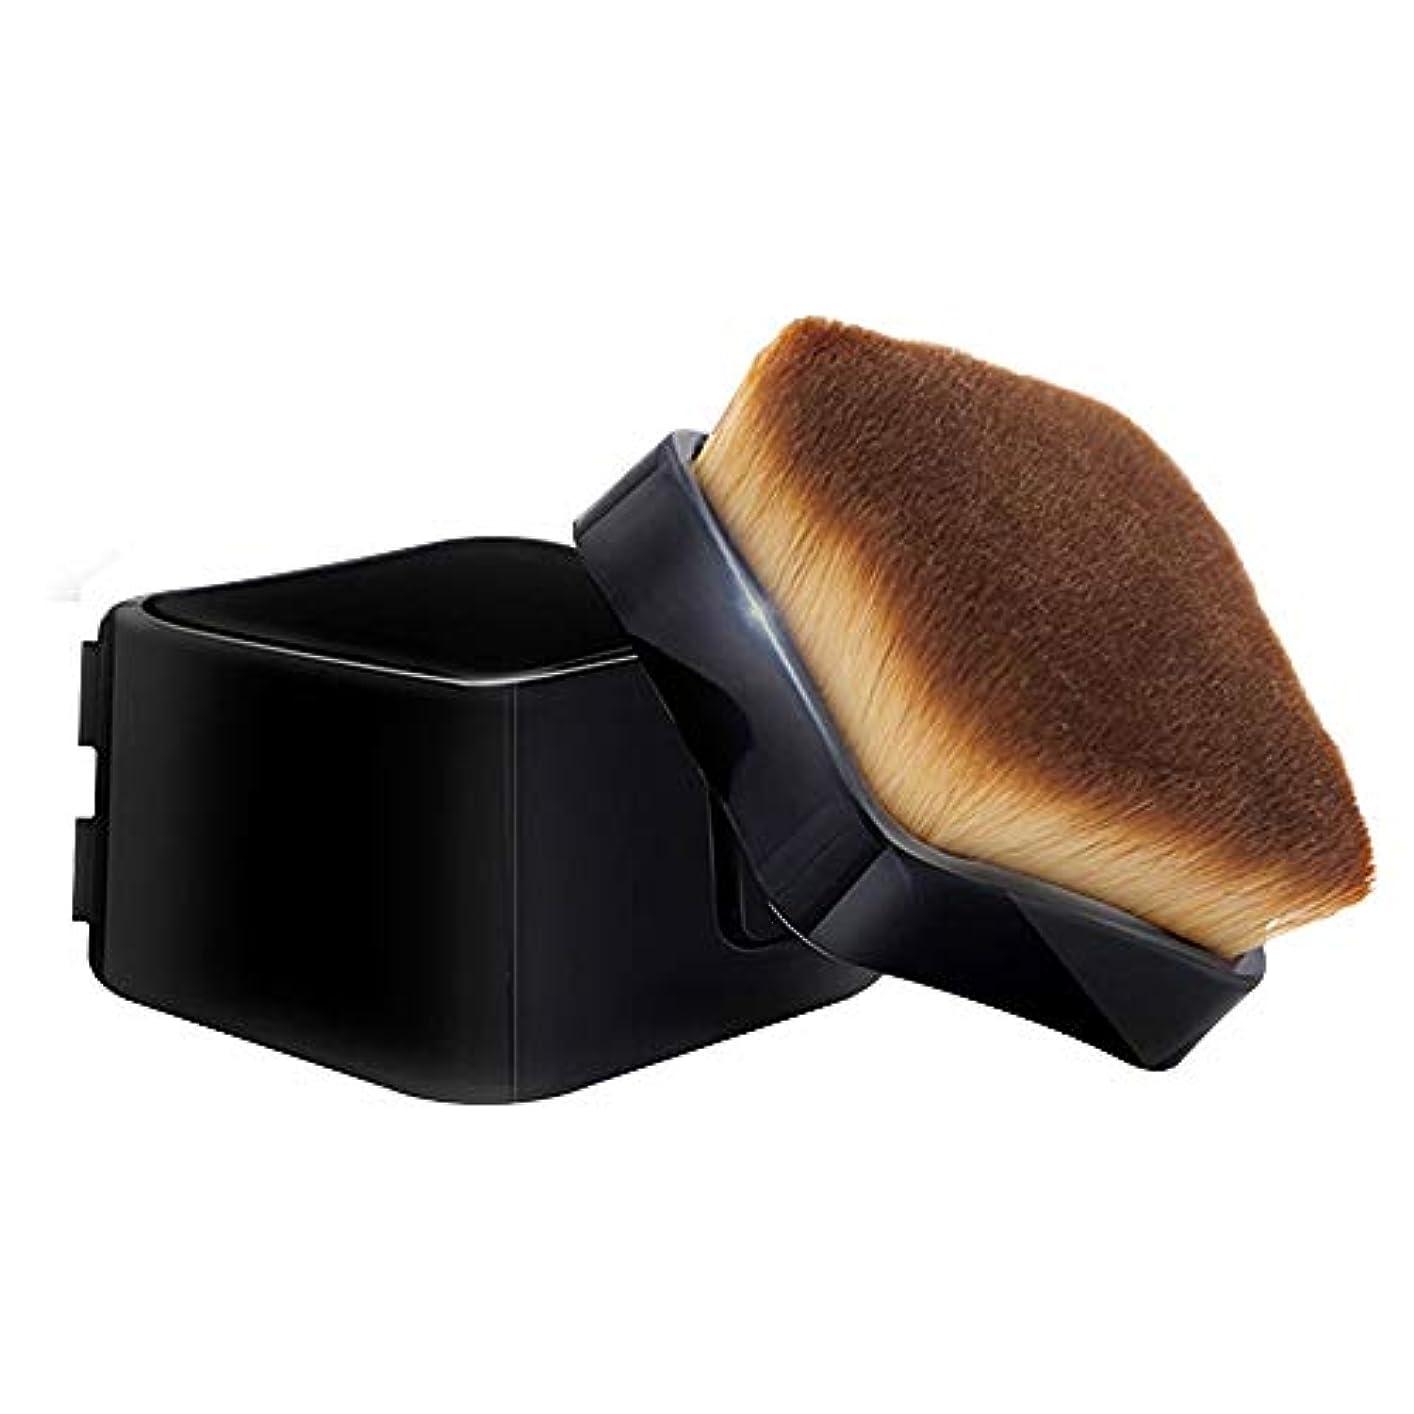 備品暗唱する故障Esubara メイクブラシ ファンデーションブラシ 化粧筆 フェイスブラシ 柔らかい毛